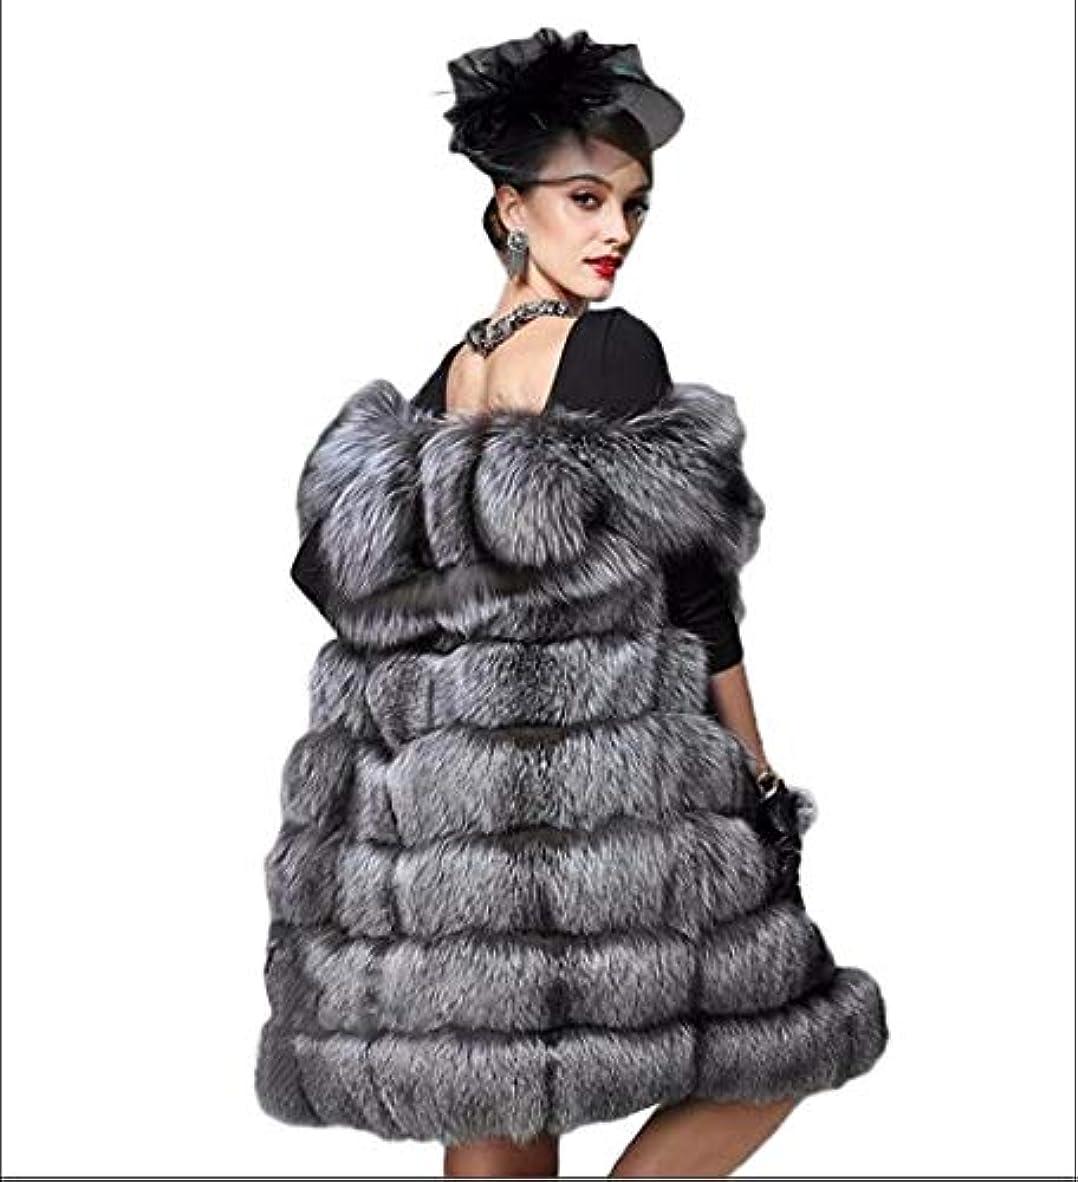 かる援助ピッチャー女性のフェイクファーベストベストフェイクファーウォーム暖かいふわふわの高級アウターウェア秋ファッションスタイルロングスリーブステッチGilet,M